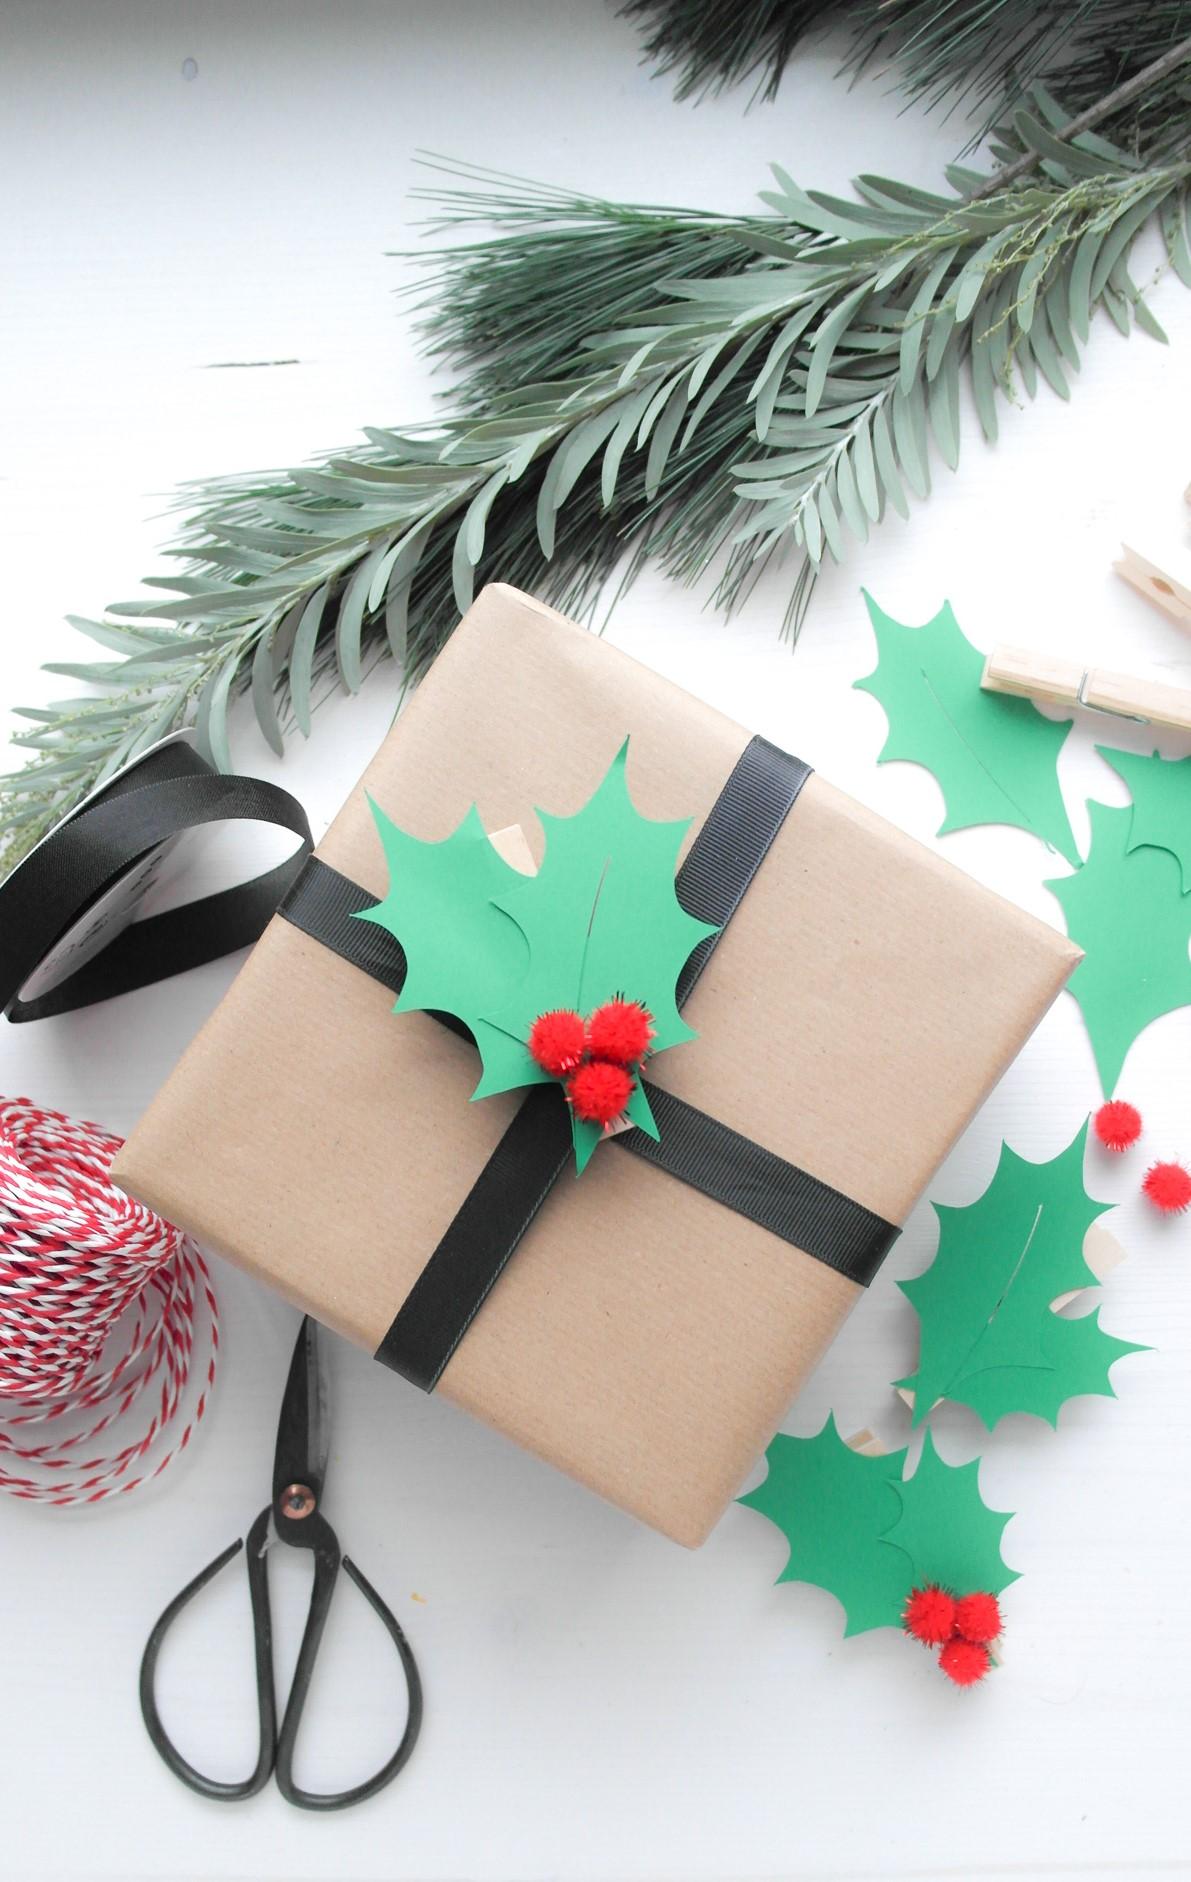 WEIHNACHTEN: DIY, Deko, Geschenke, Rezepte - cover